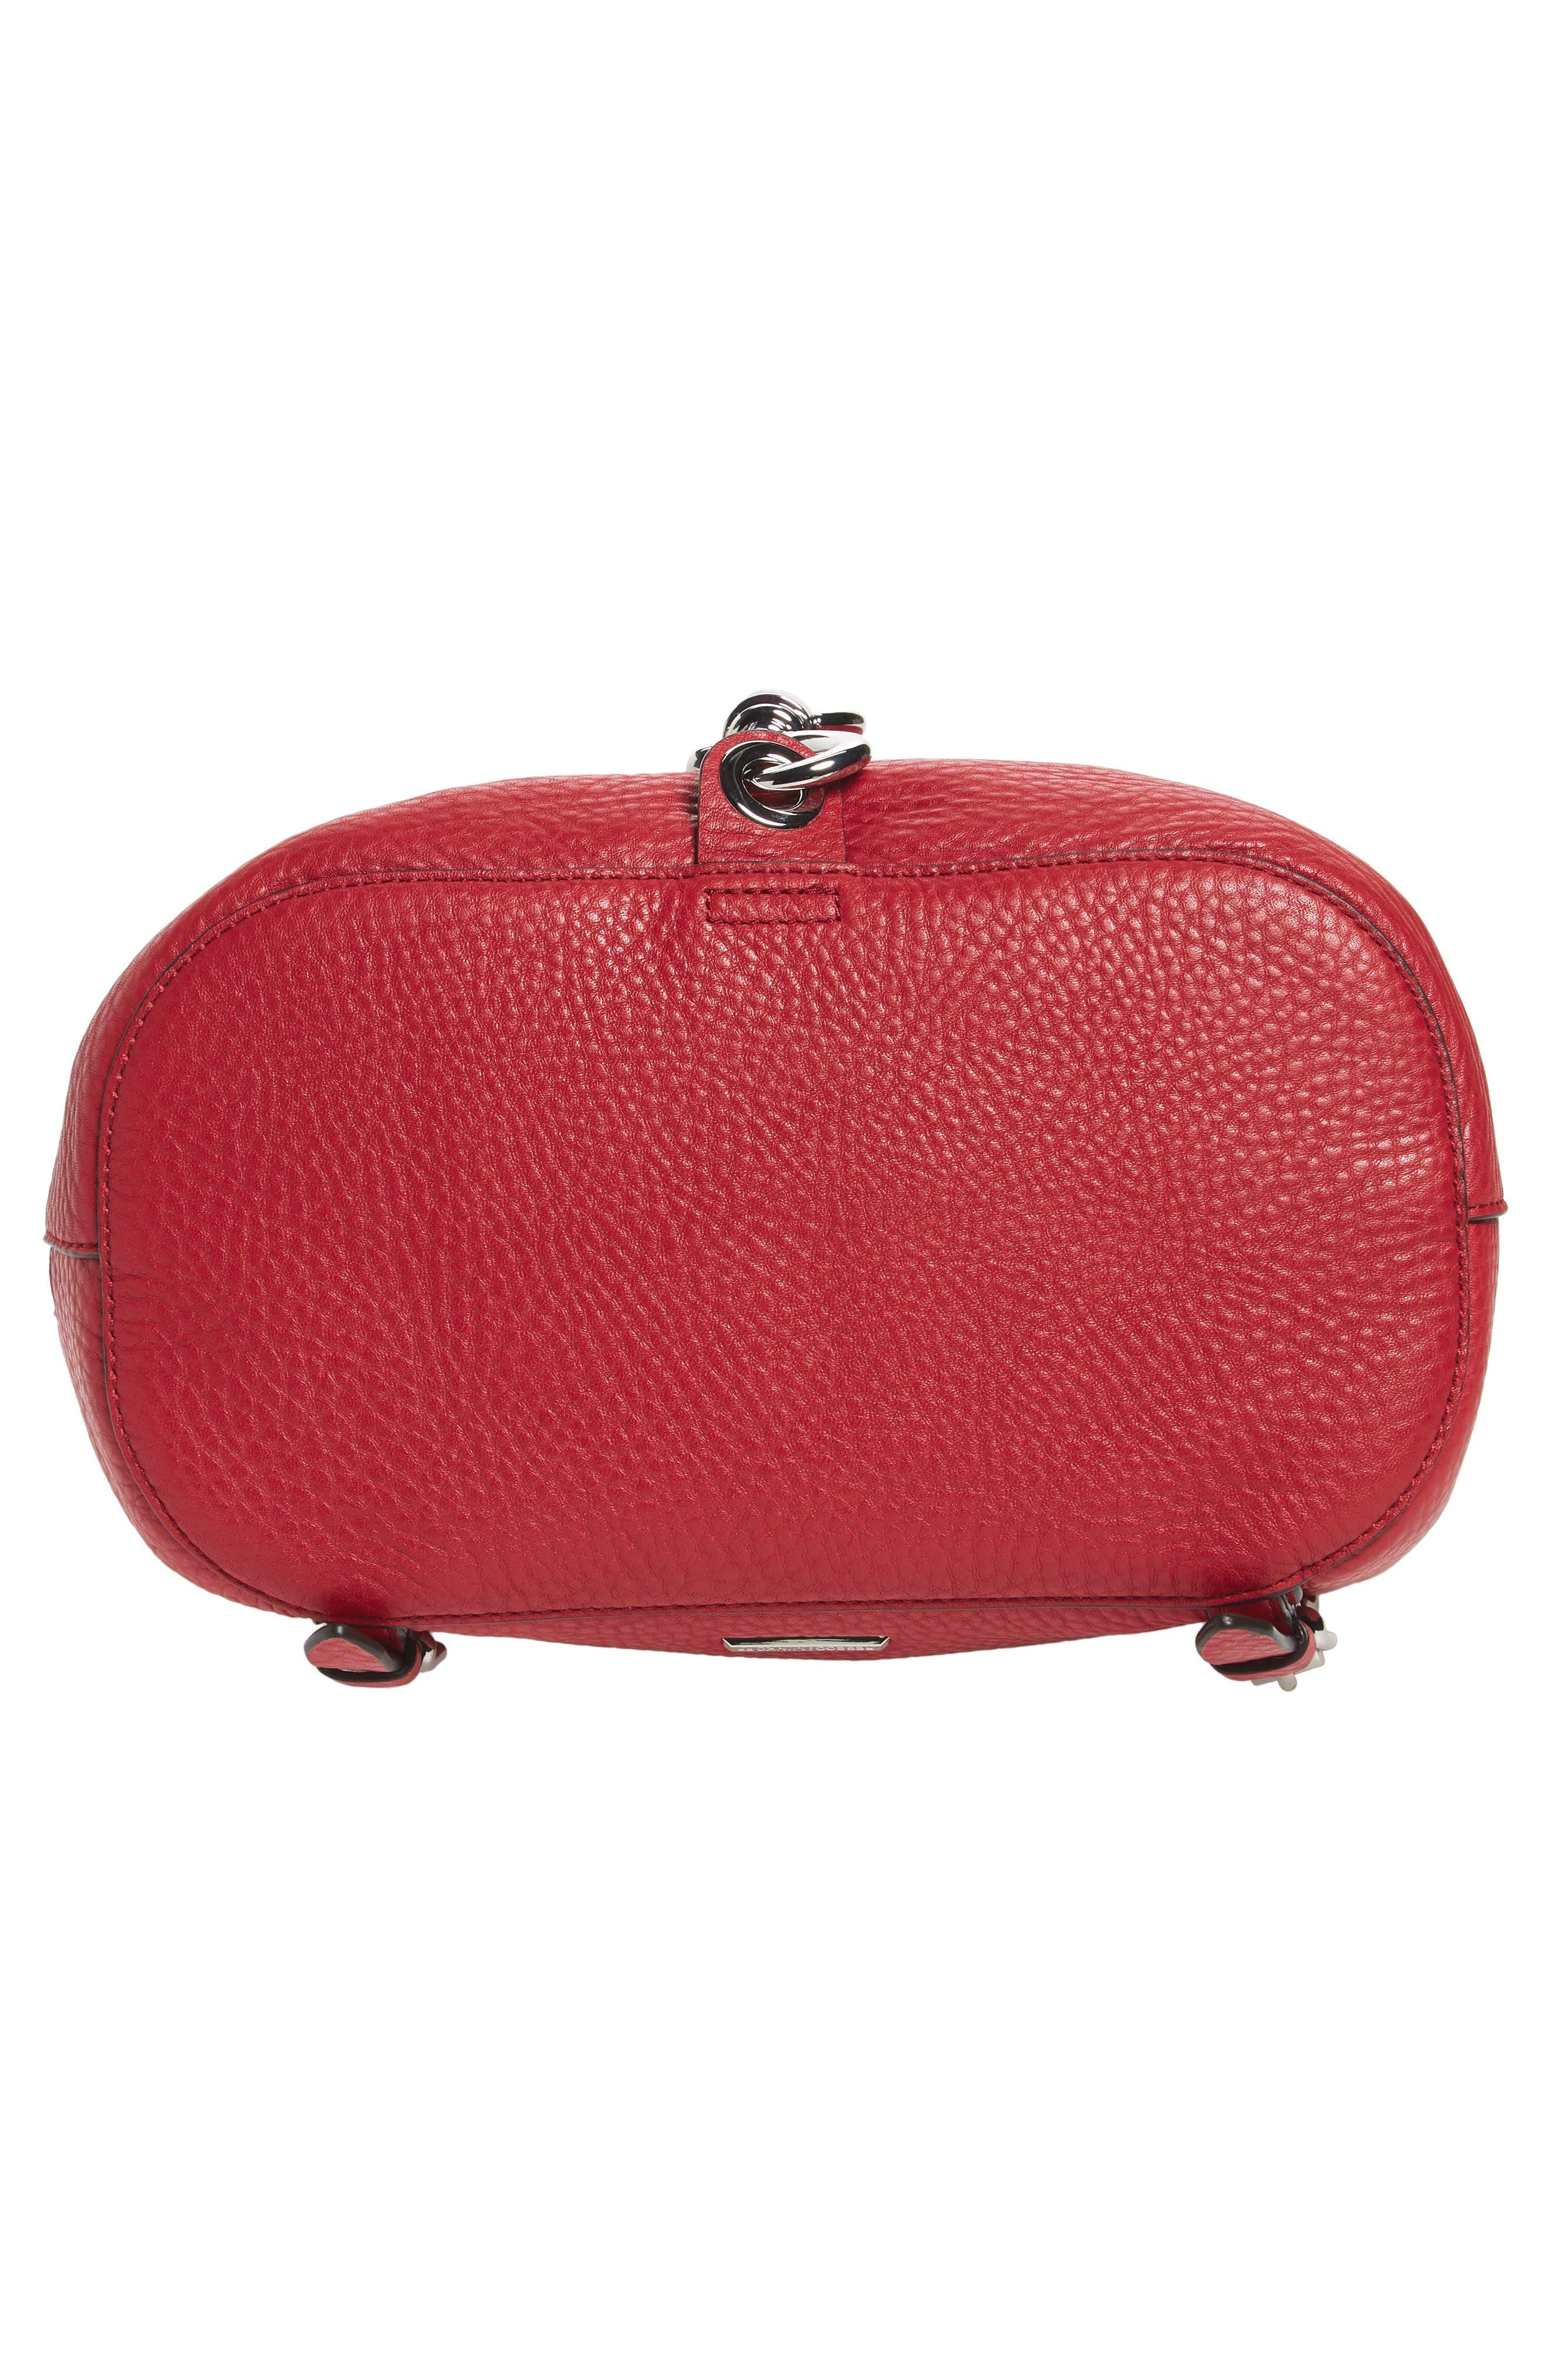 Blythe Leather Backpack,                             Alternate thumbnail 6, color,                             SCARLET